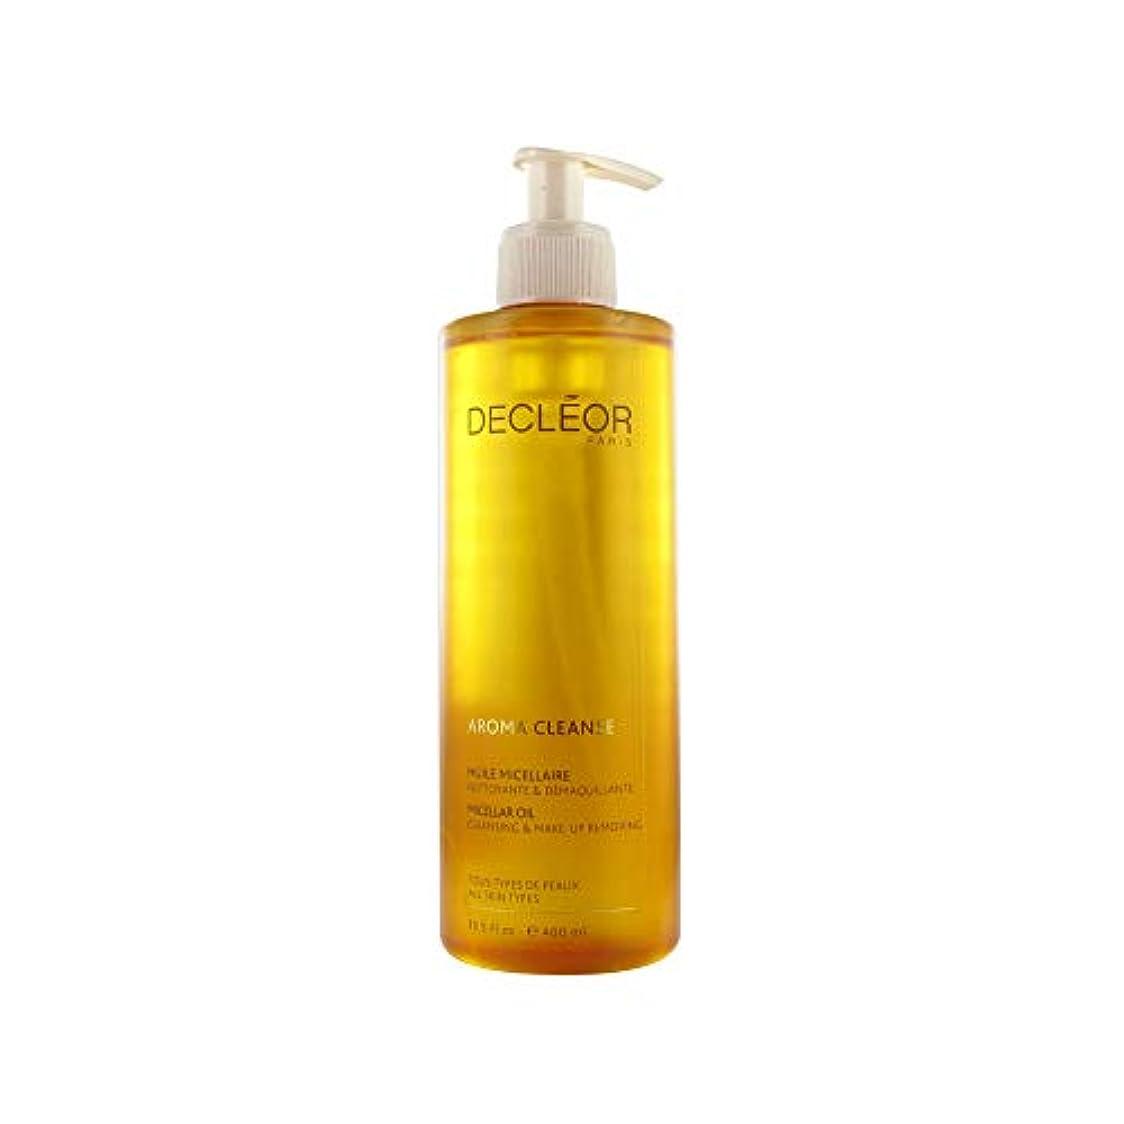 一般化する音楽家リズムデクレオール Aroma Cleanse Micellar Oil (Salon Size) 400ml/13.5oz並行輸入品